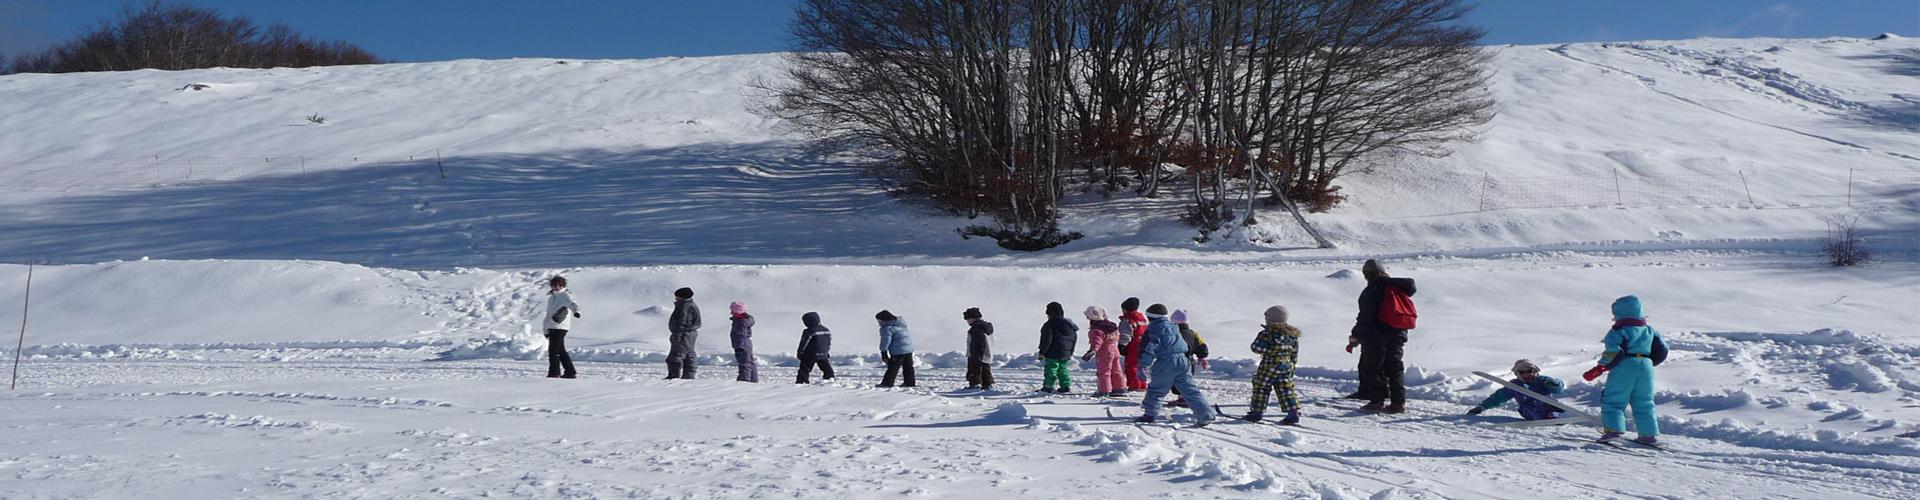 """<div class=""""sliderdesc""""> <h4>Un espace ludique accessible à tous.</h4> La station compte une zone d'initiation pour le ski de fond et un piste de luge pour les plus jeunes. Vous pourrez profitez également de la salle hors sac avec une cheminée pour venir passer un moment de détente au coin du feu..<br><br> Si vous n'avez pas de matériel, la station propose au buron d'accueil la location de skis, raquettes ou luges. <br><br> <a href=""""https://www.aubrac-sud-lozere.com/la-station-de-ski/tarifs-forfait-et-location/"""">Voir tarifs forfaits et location matériel</a> </div>"""